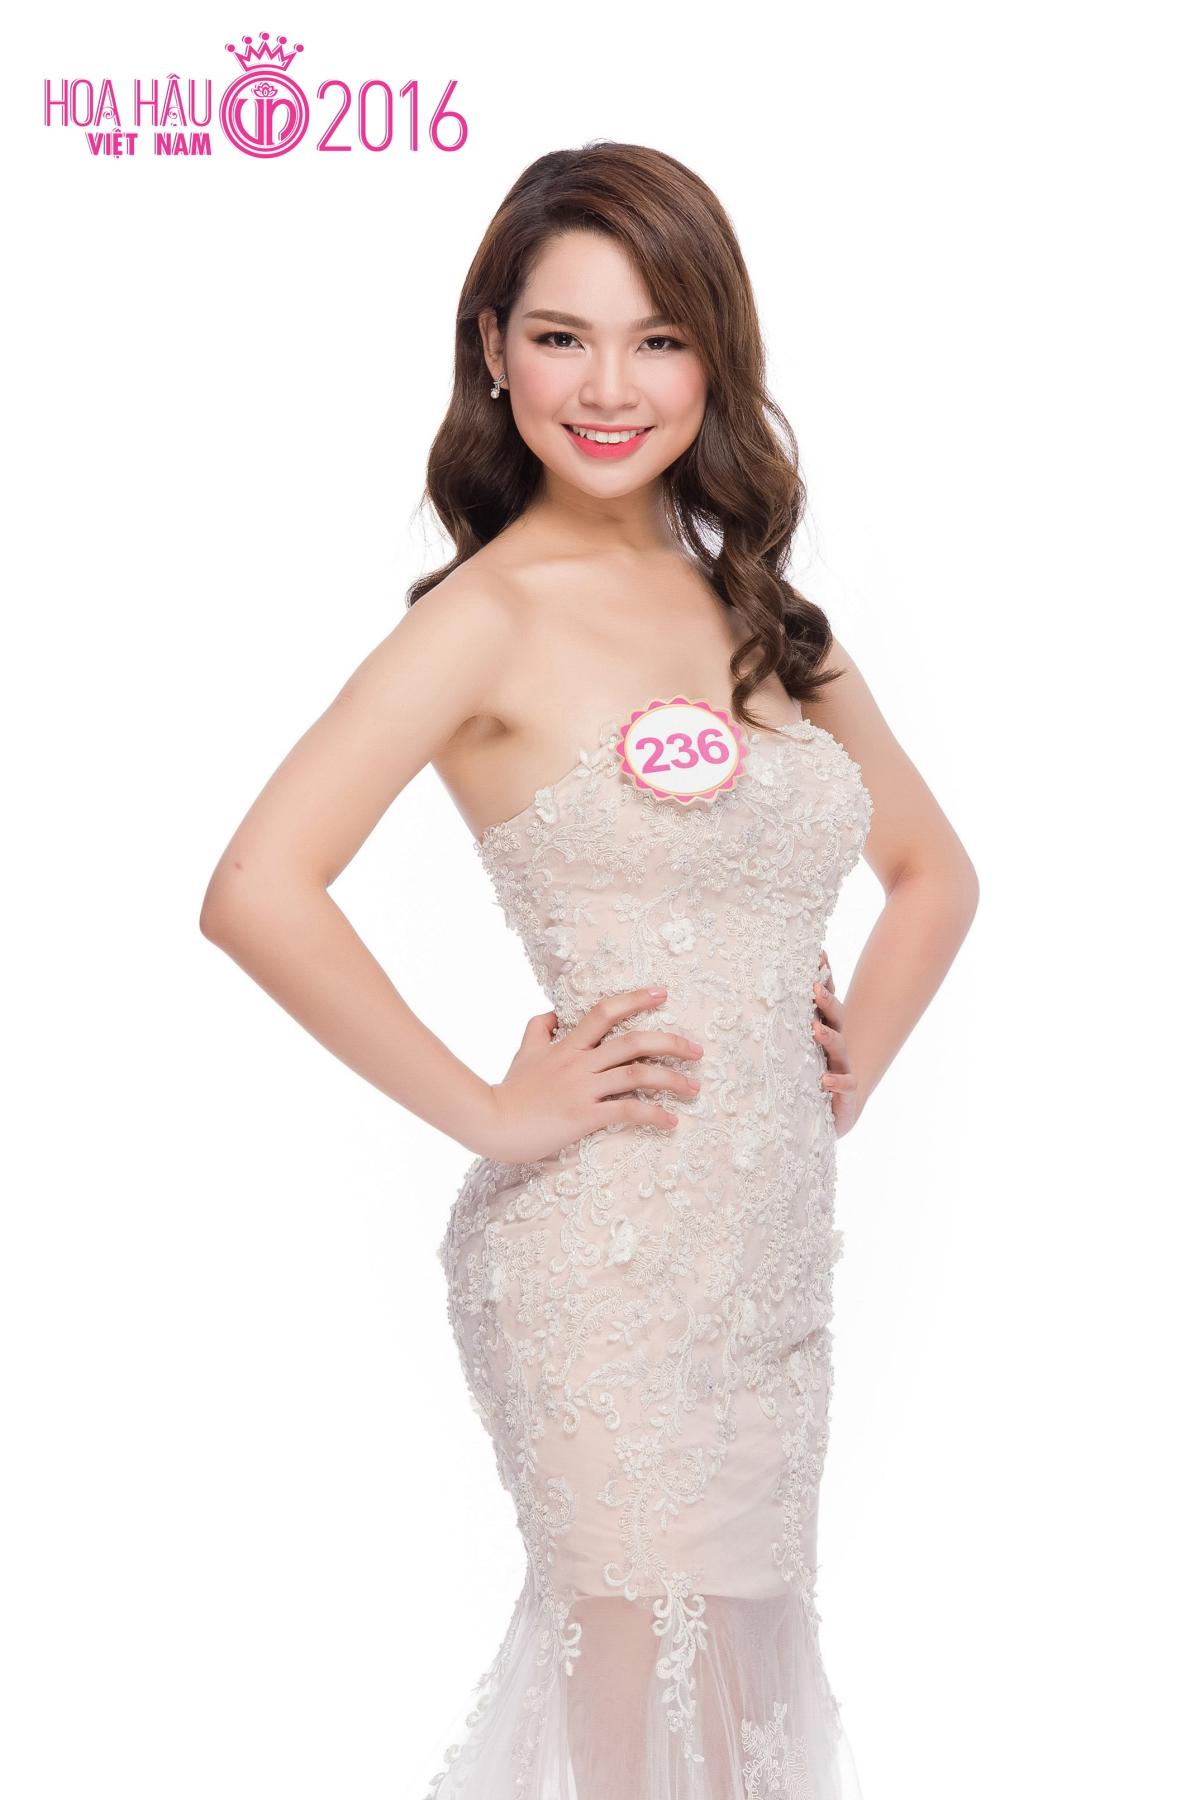 Phan Thu Phương (SBD 236)